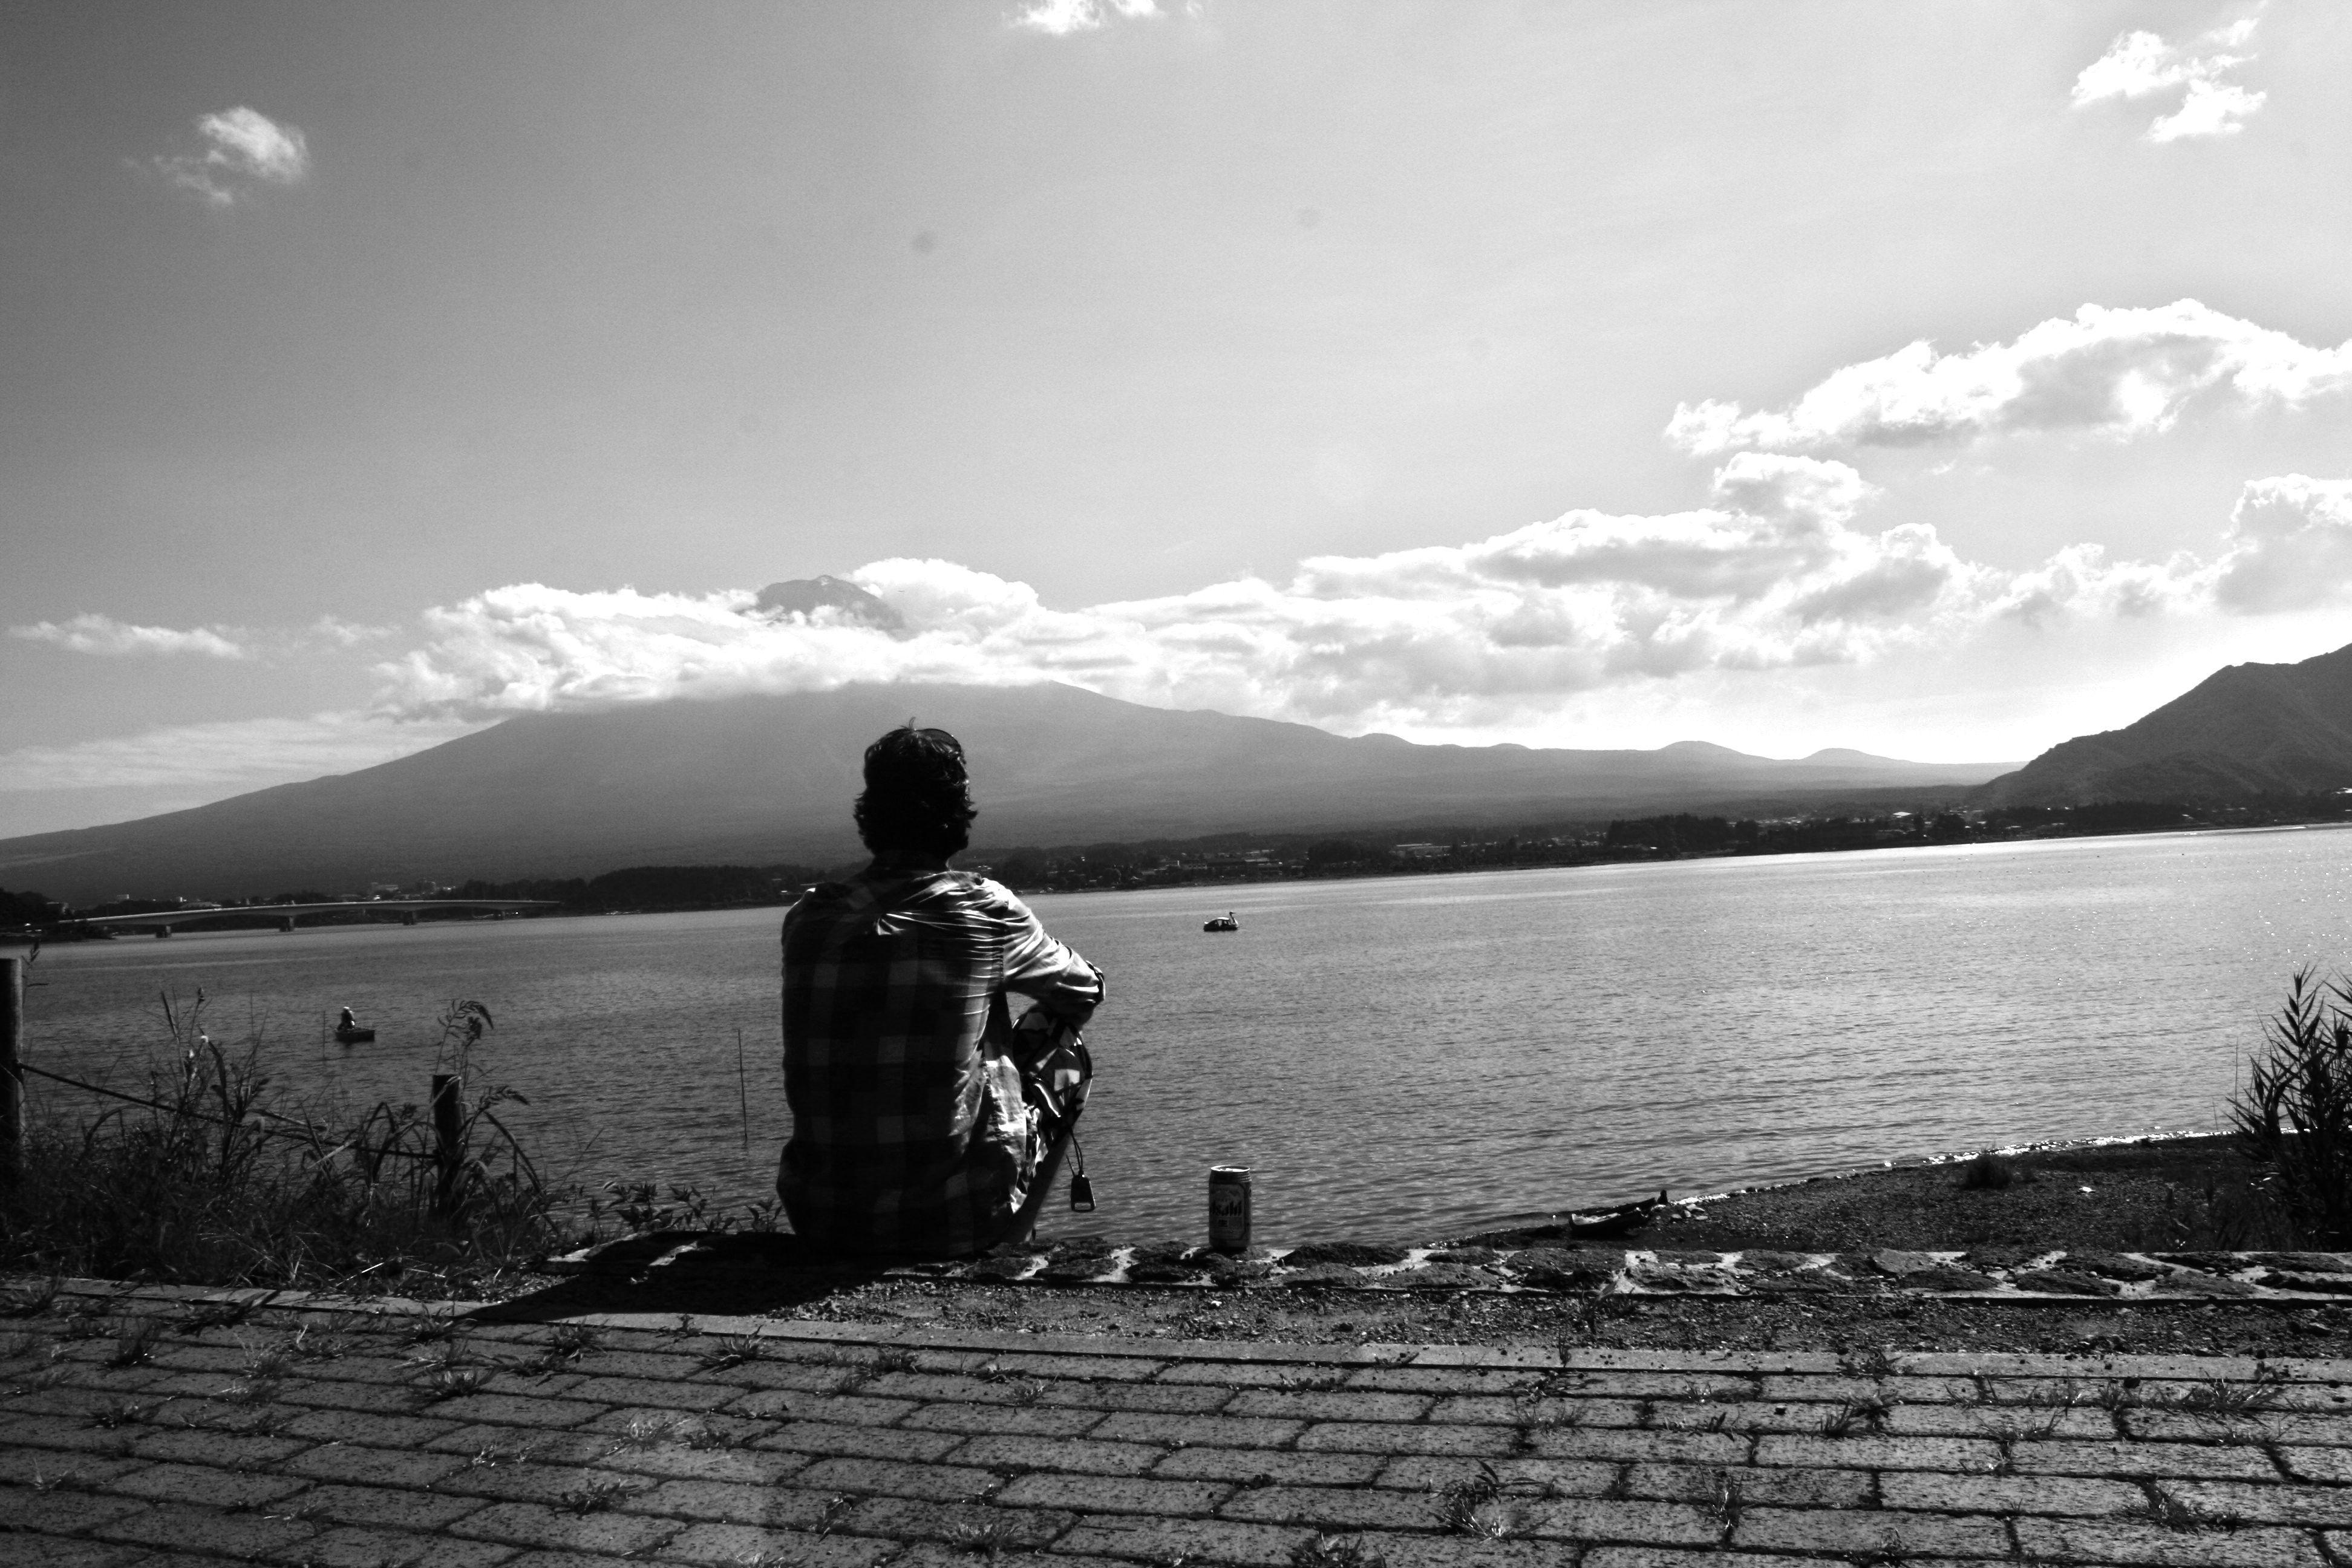 Facing Mount Fuji @ Kawaguchi.